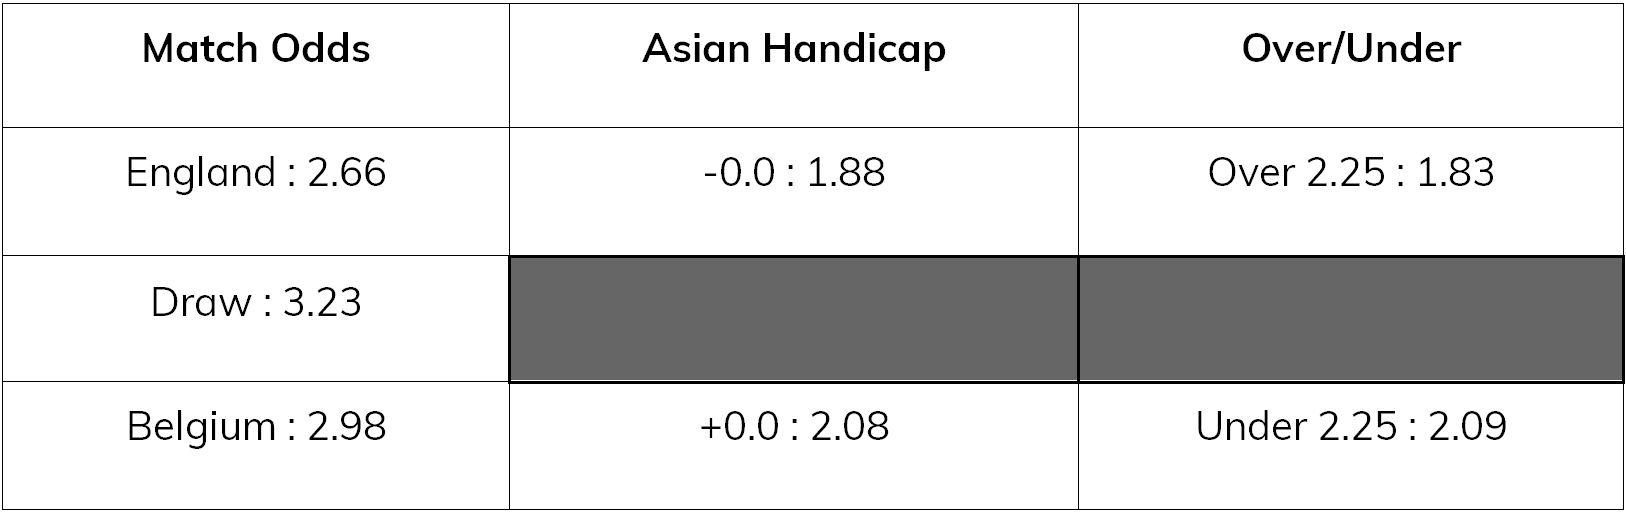 england-v-belgium-asian-handicap-eastbridge1